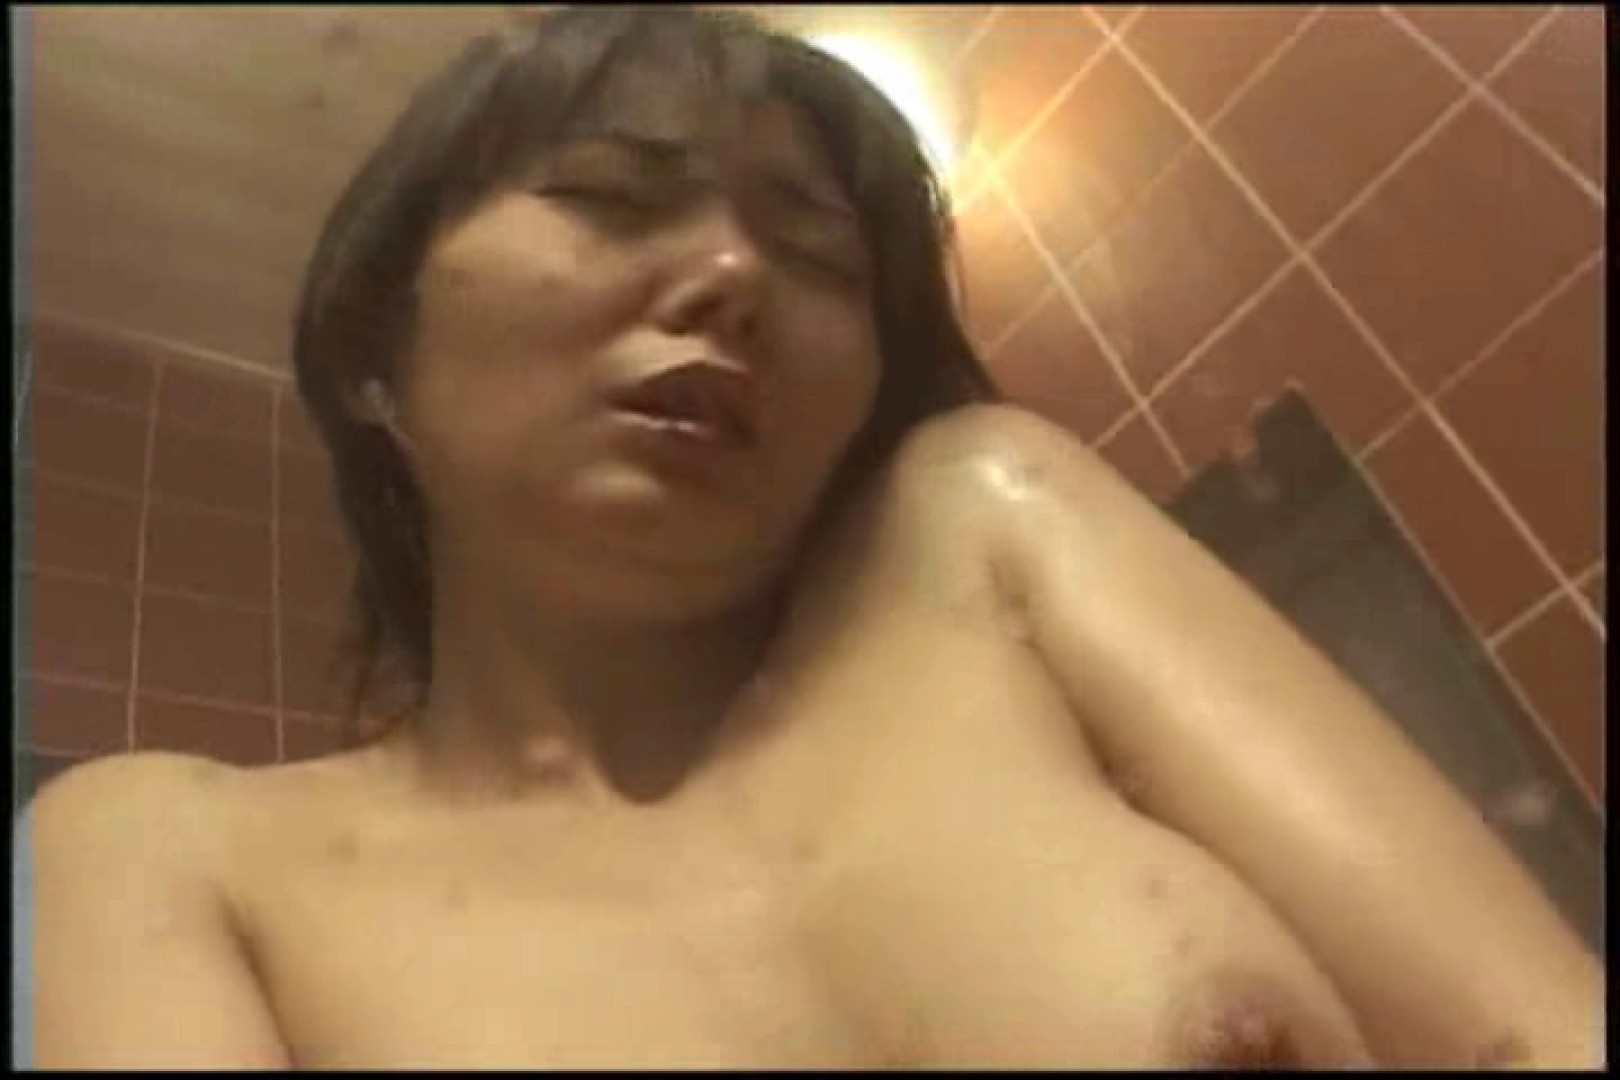 自慰行為中の乳首の起ちっぷりがセクシー 早川葉子 乳首 セックス画像 65PIX 29